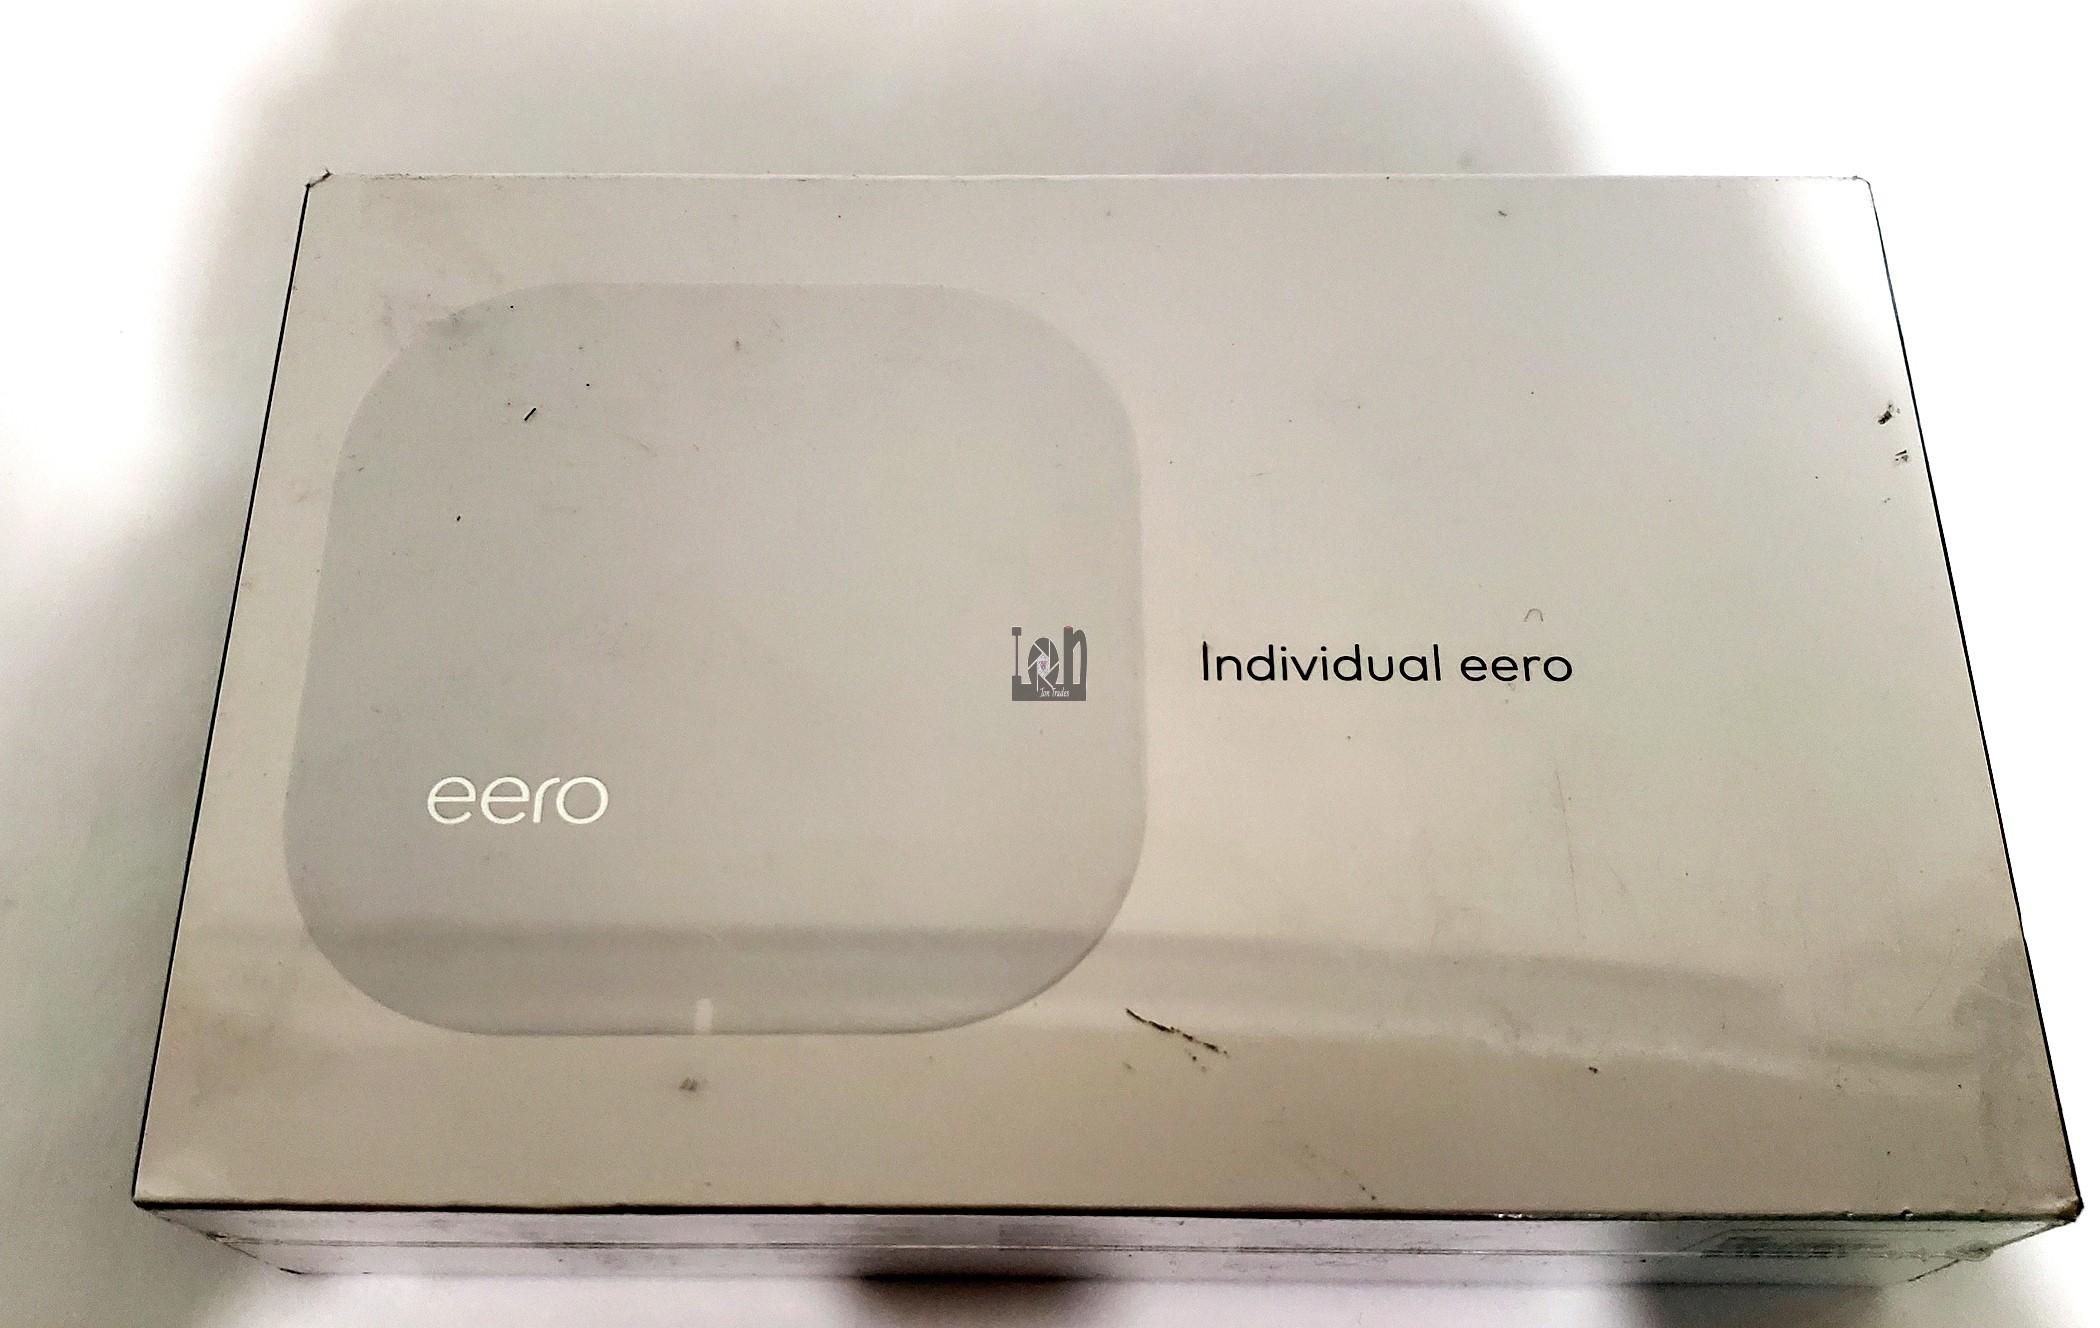 Individual eero Wi FI Router B010101